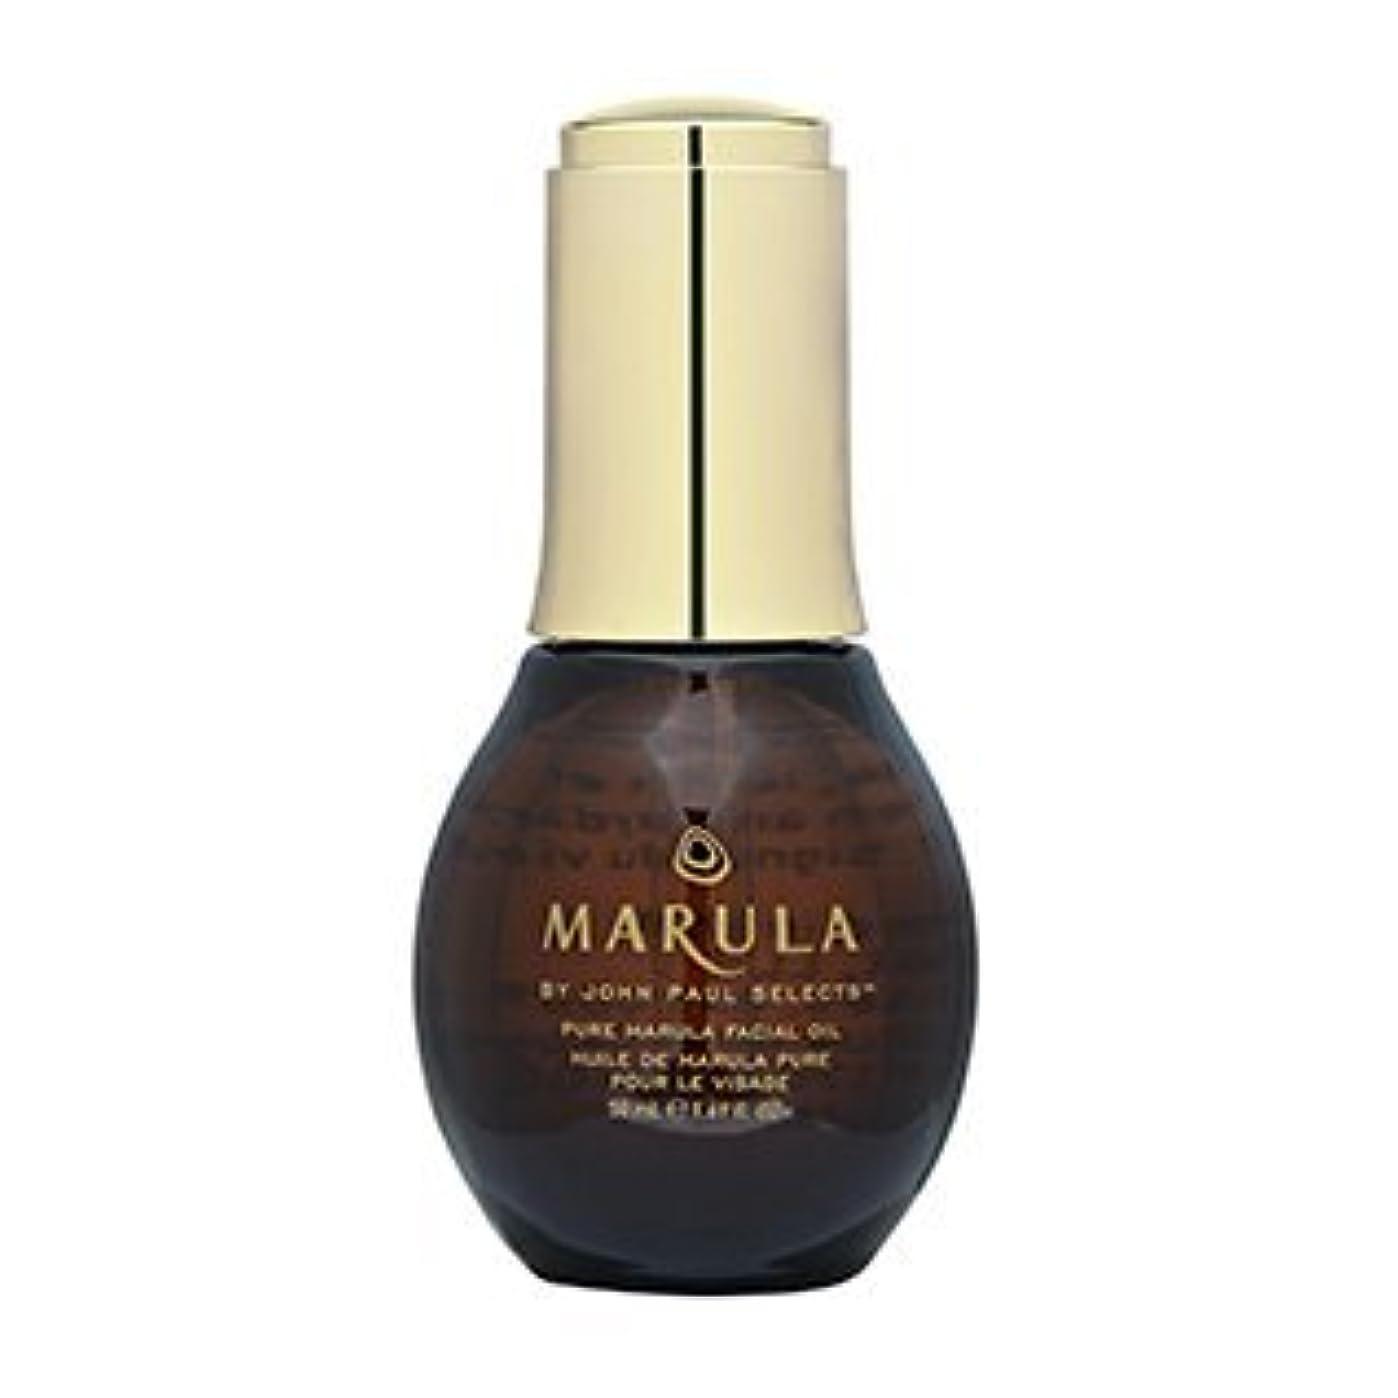 円周望遠鏡魔女マルーラ(Marula) マルーラオイル 50ml ビッグサイズ [並行輸入品]